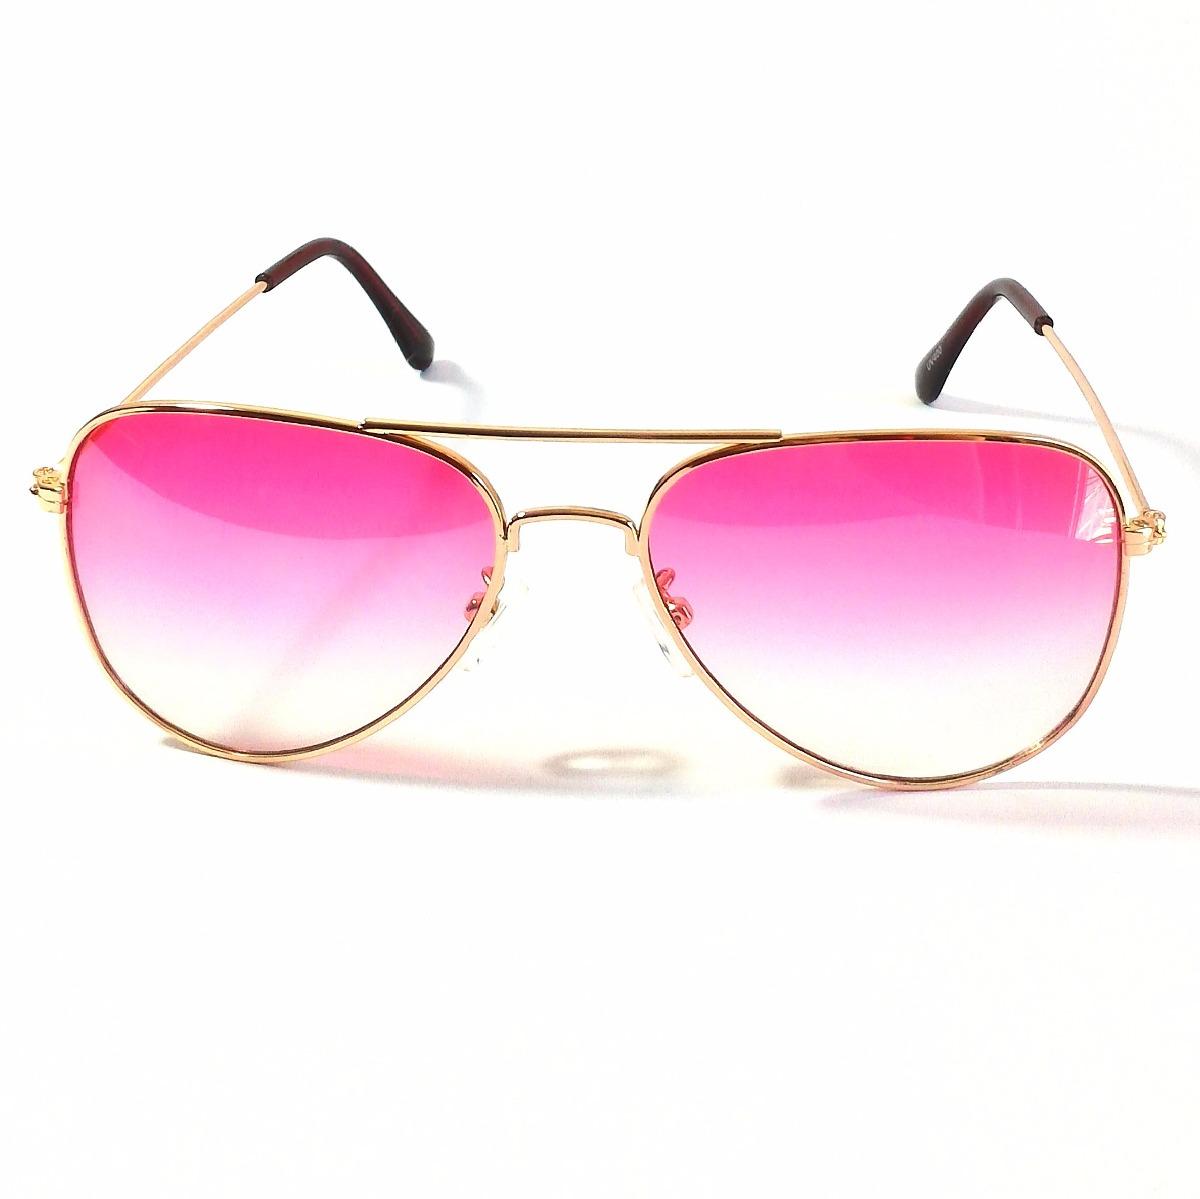 d28e999b43452 Óculos De Sol Feminino Aviador Rosa Degrade Uv400 - R  20,00 em ...